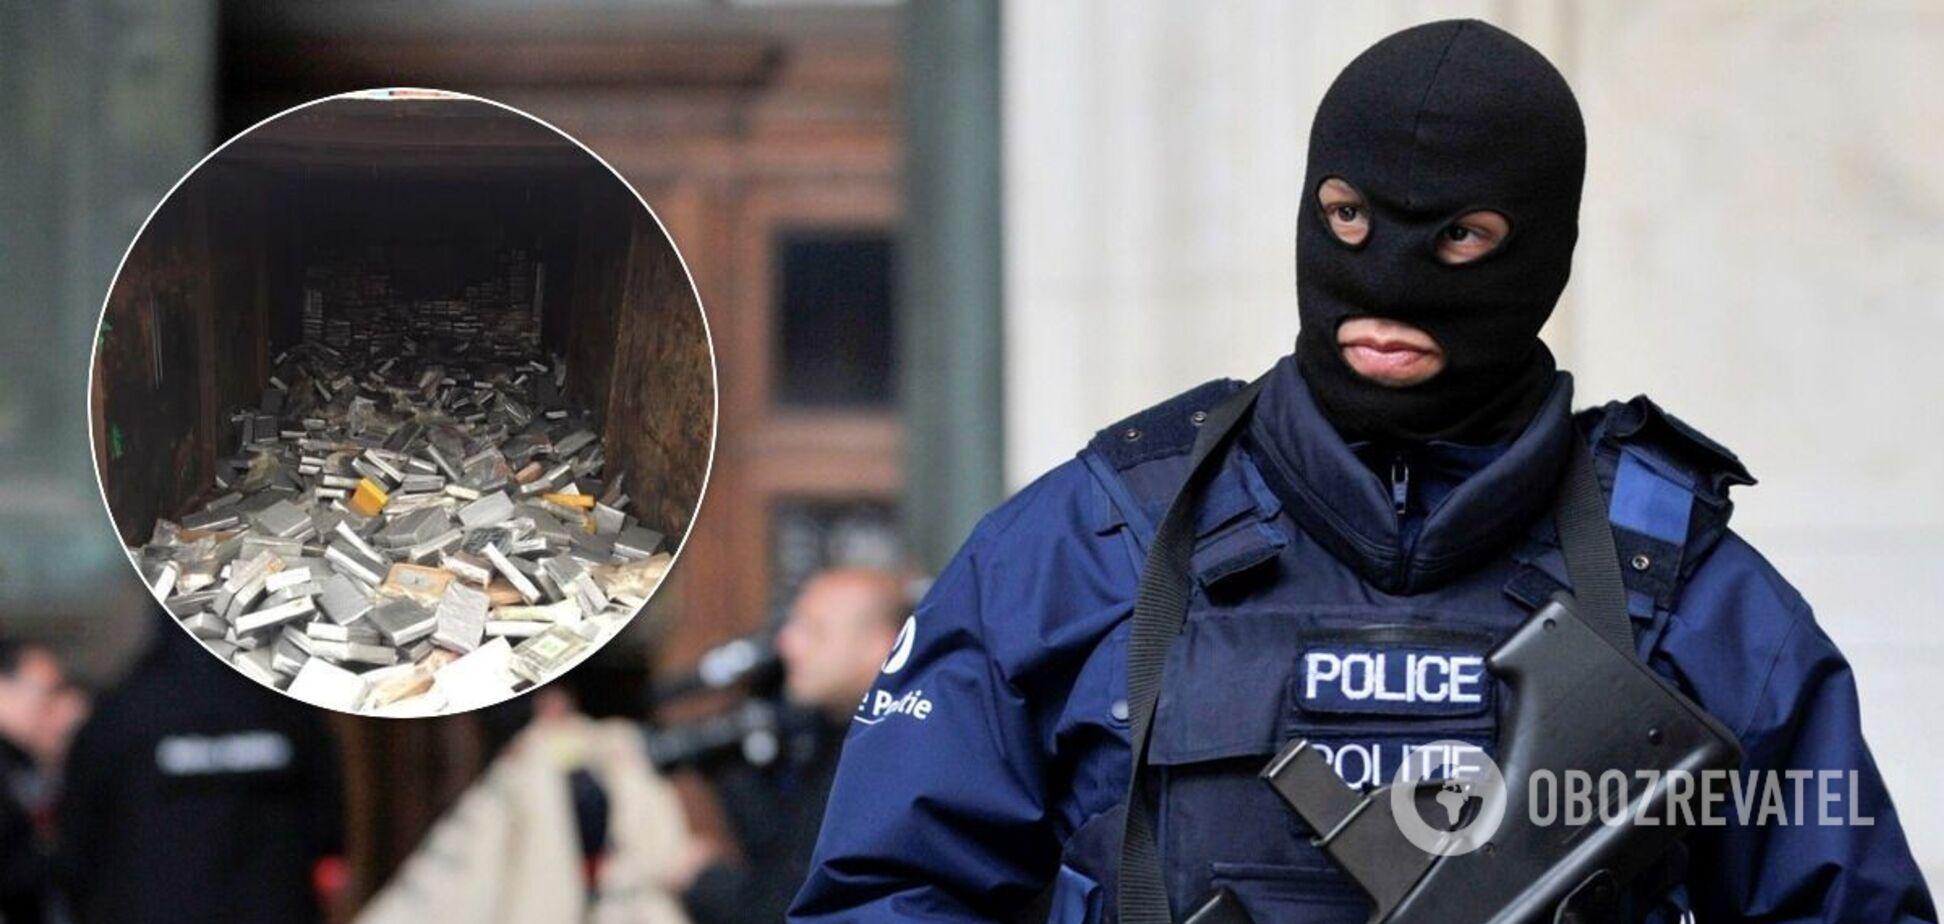 В Бельгии изъяли крупнейшую в истории партию наркотиков